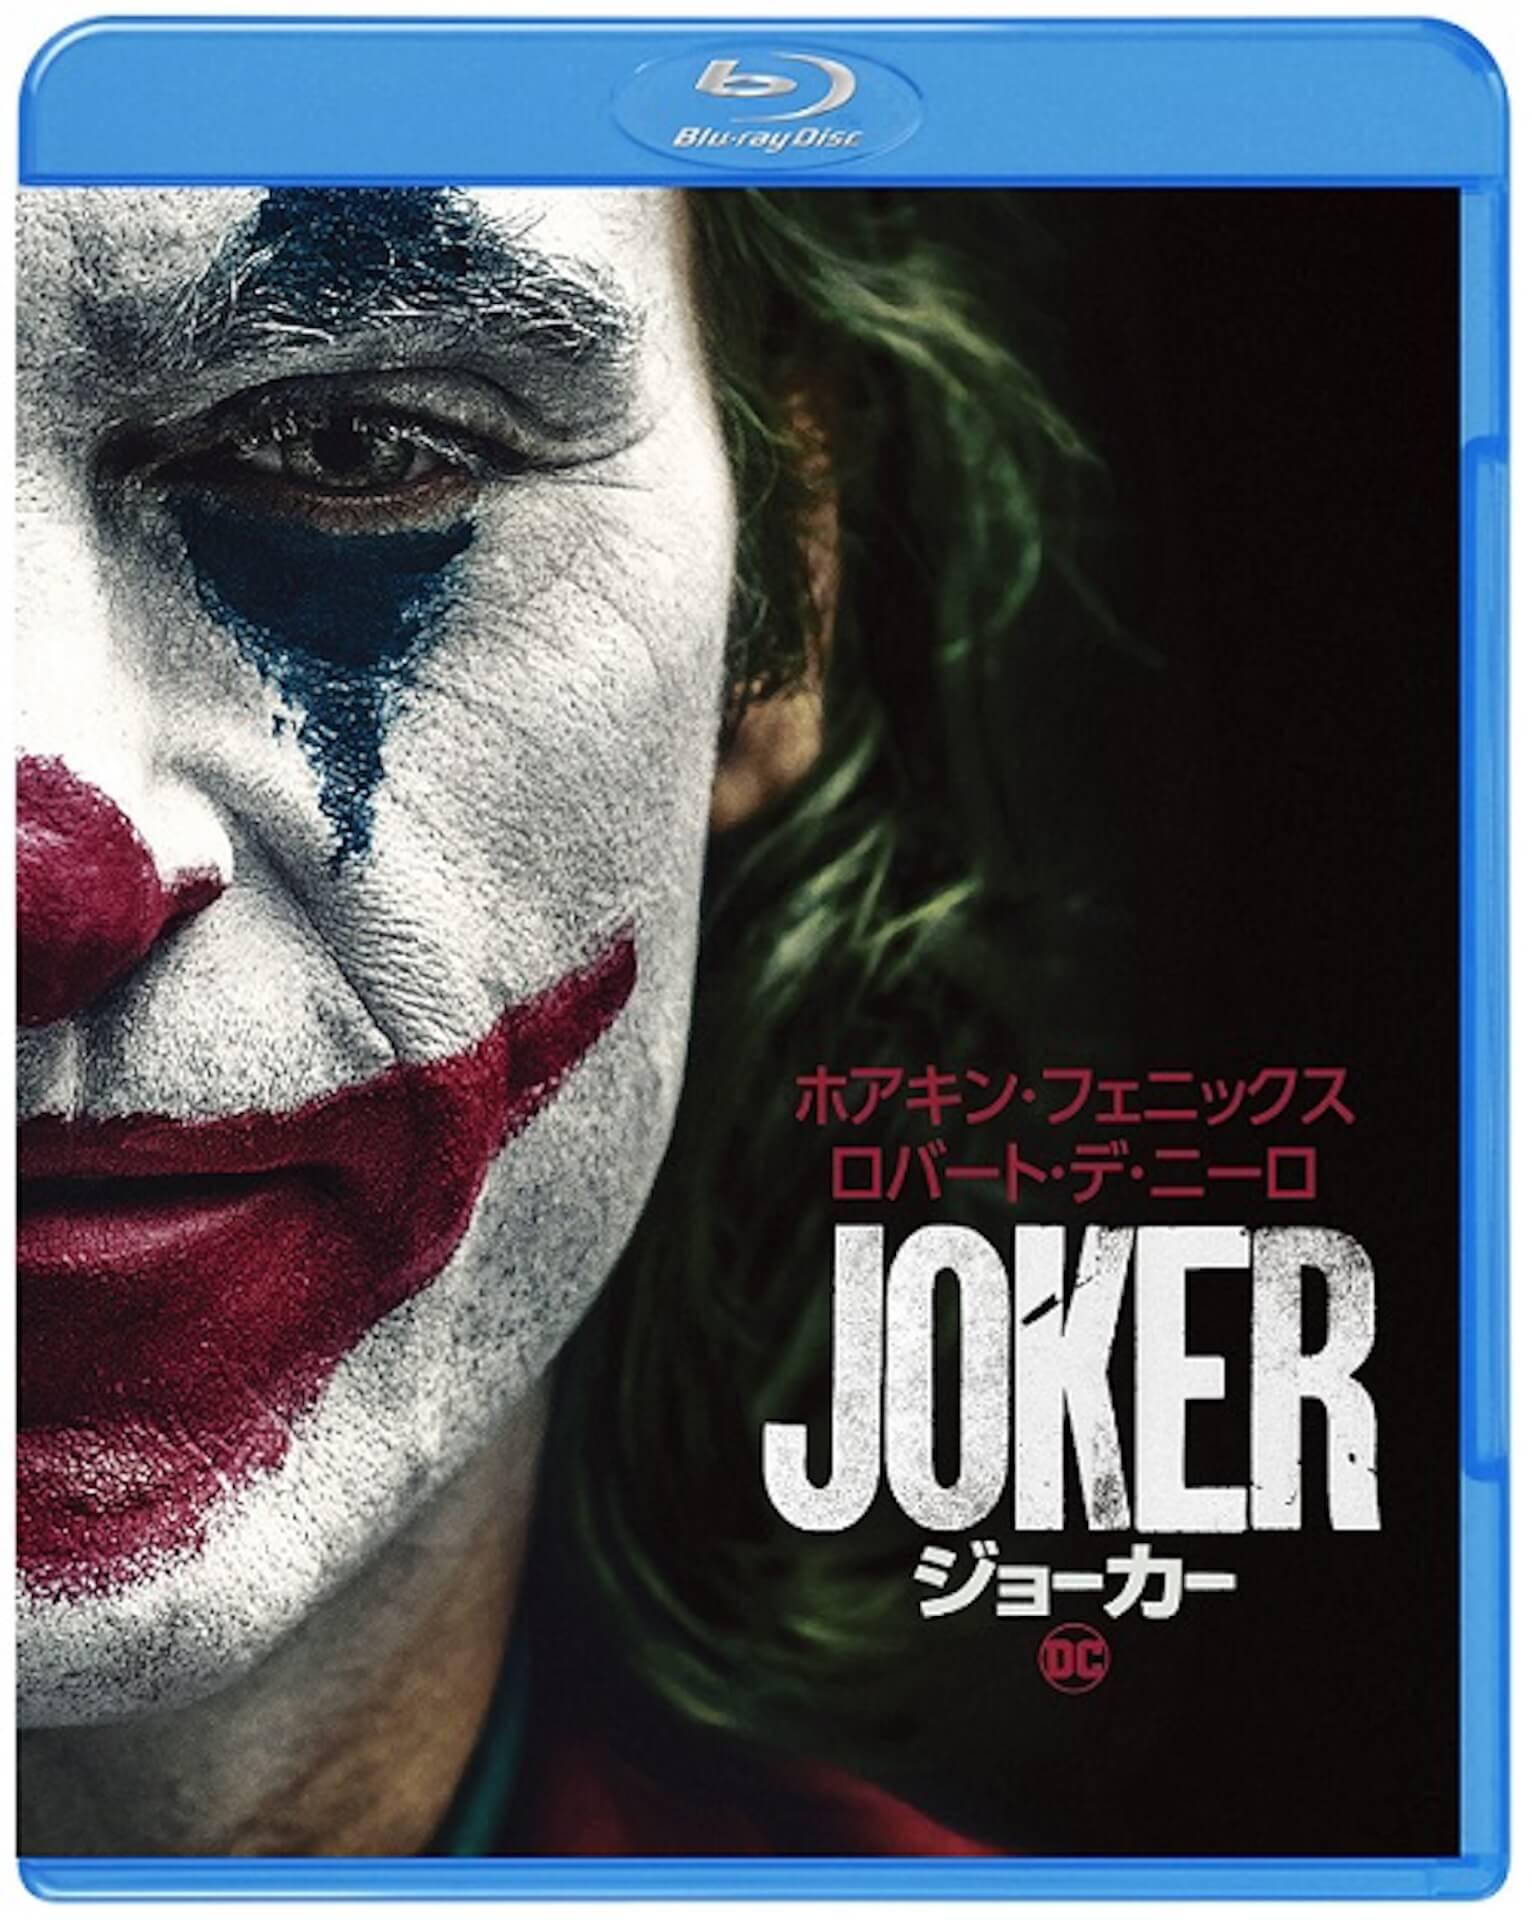 世界を揺るがした超問題作『ジョーカー』がついにあなたの家に!Blu-ray&DVDが2020年1月発売決定 film191206_joker_4